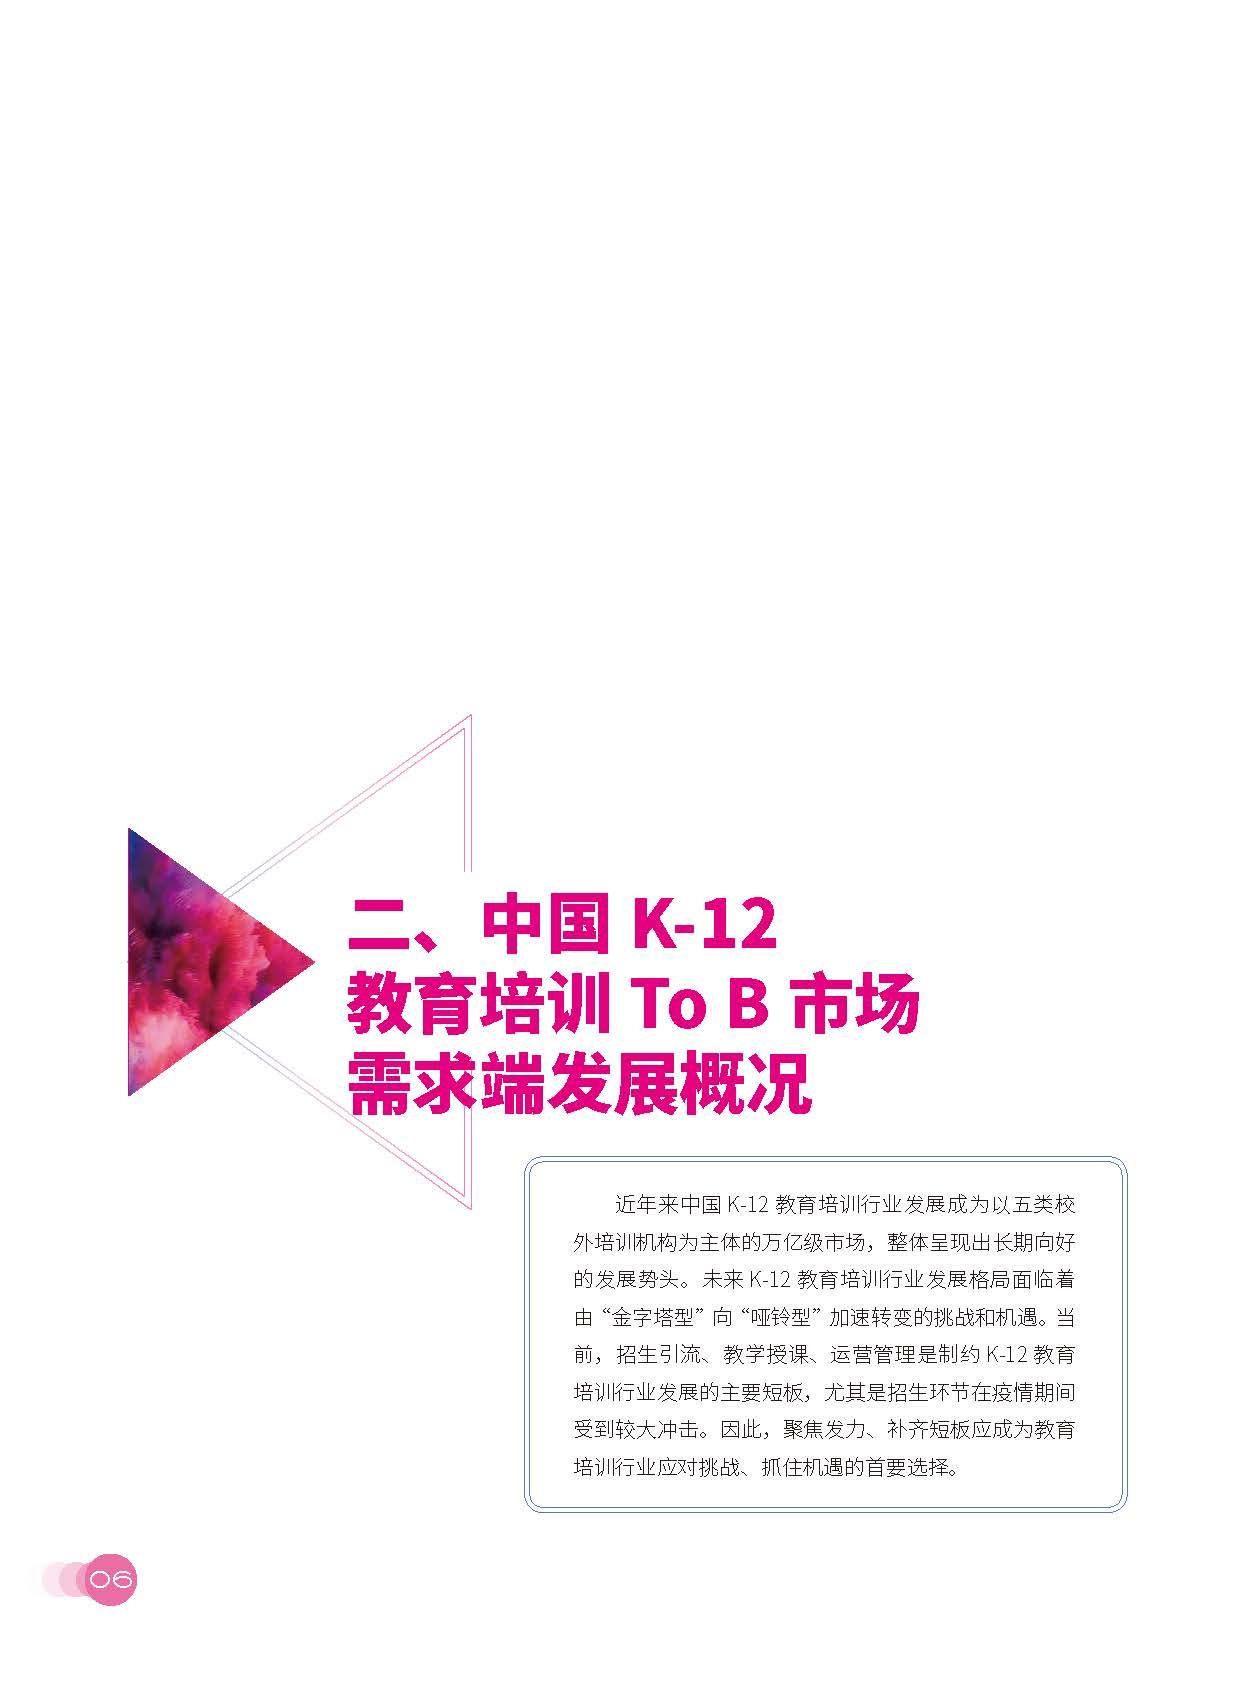 中国教育科学研究院:2020中国K~12教育培训To B市场发展报告(56页)_页面_09.jpg